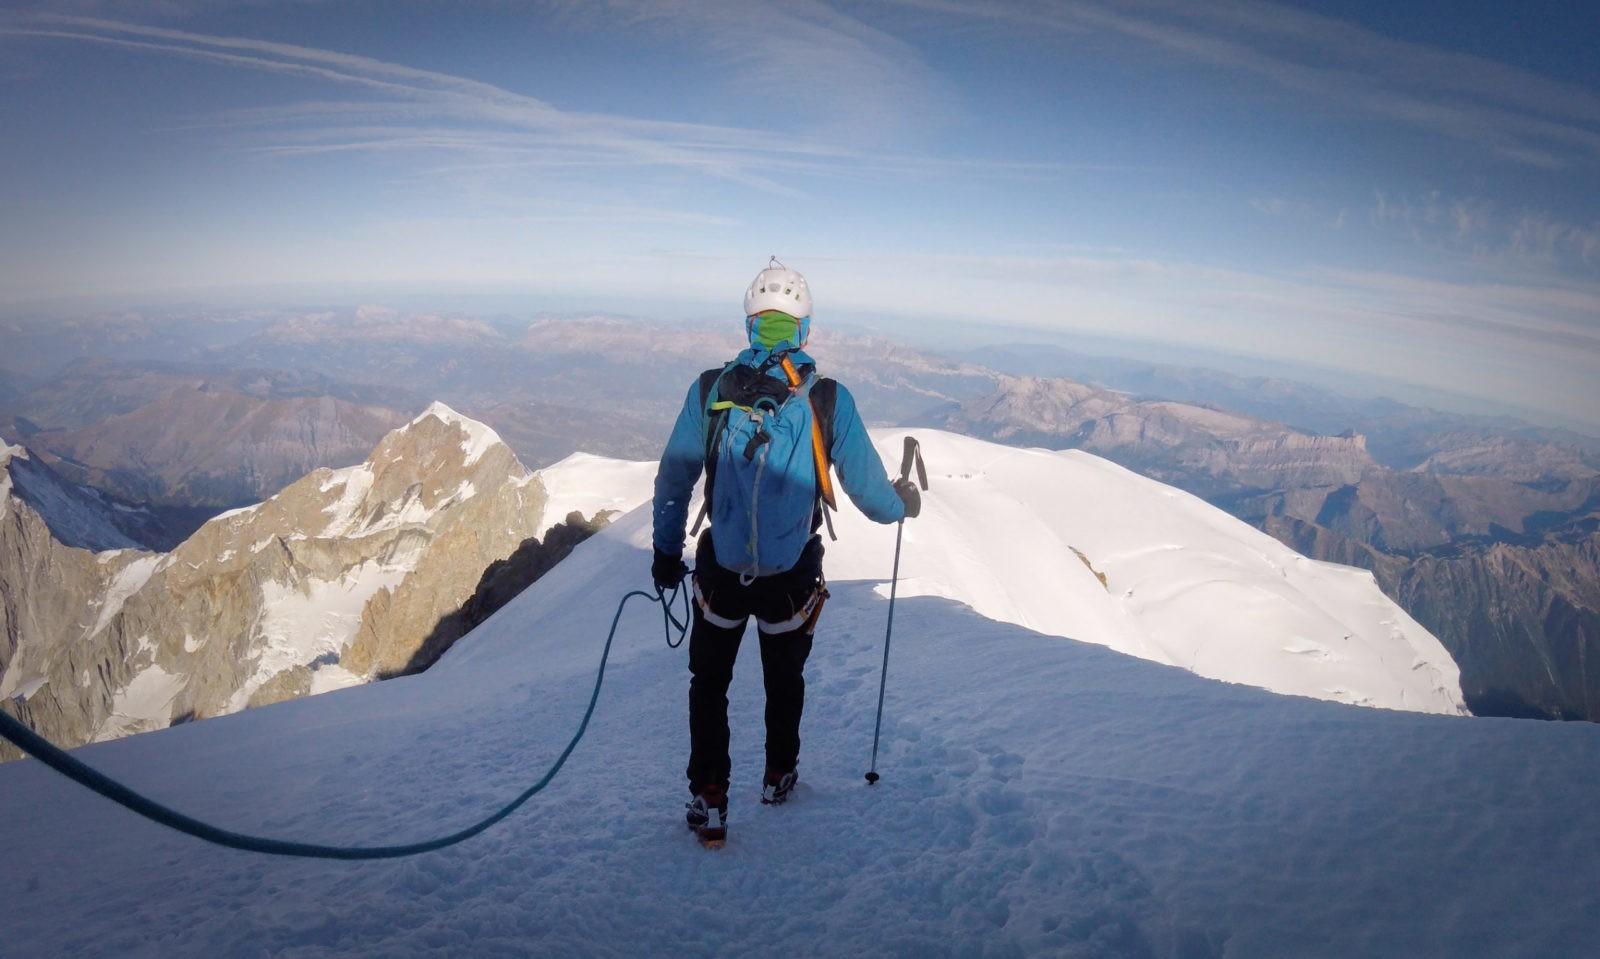 Descente du Mont Blanc dans le cadre d'un protocole de recherche - Exalt